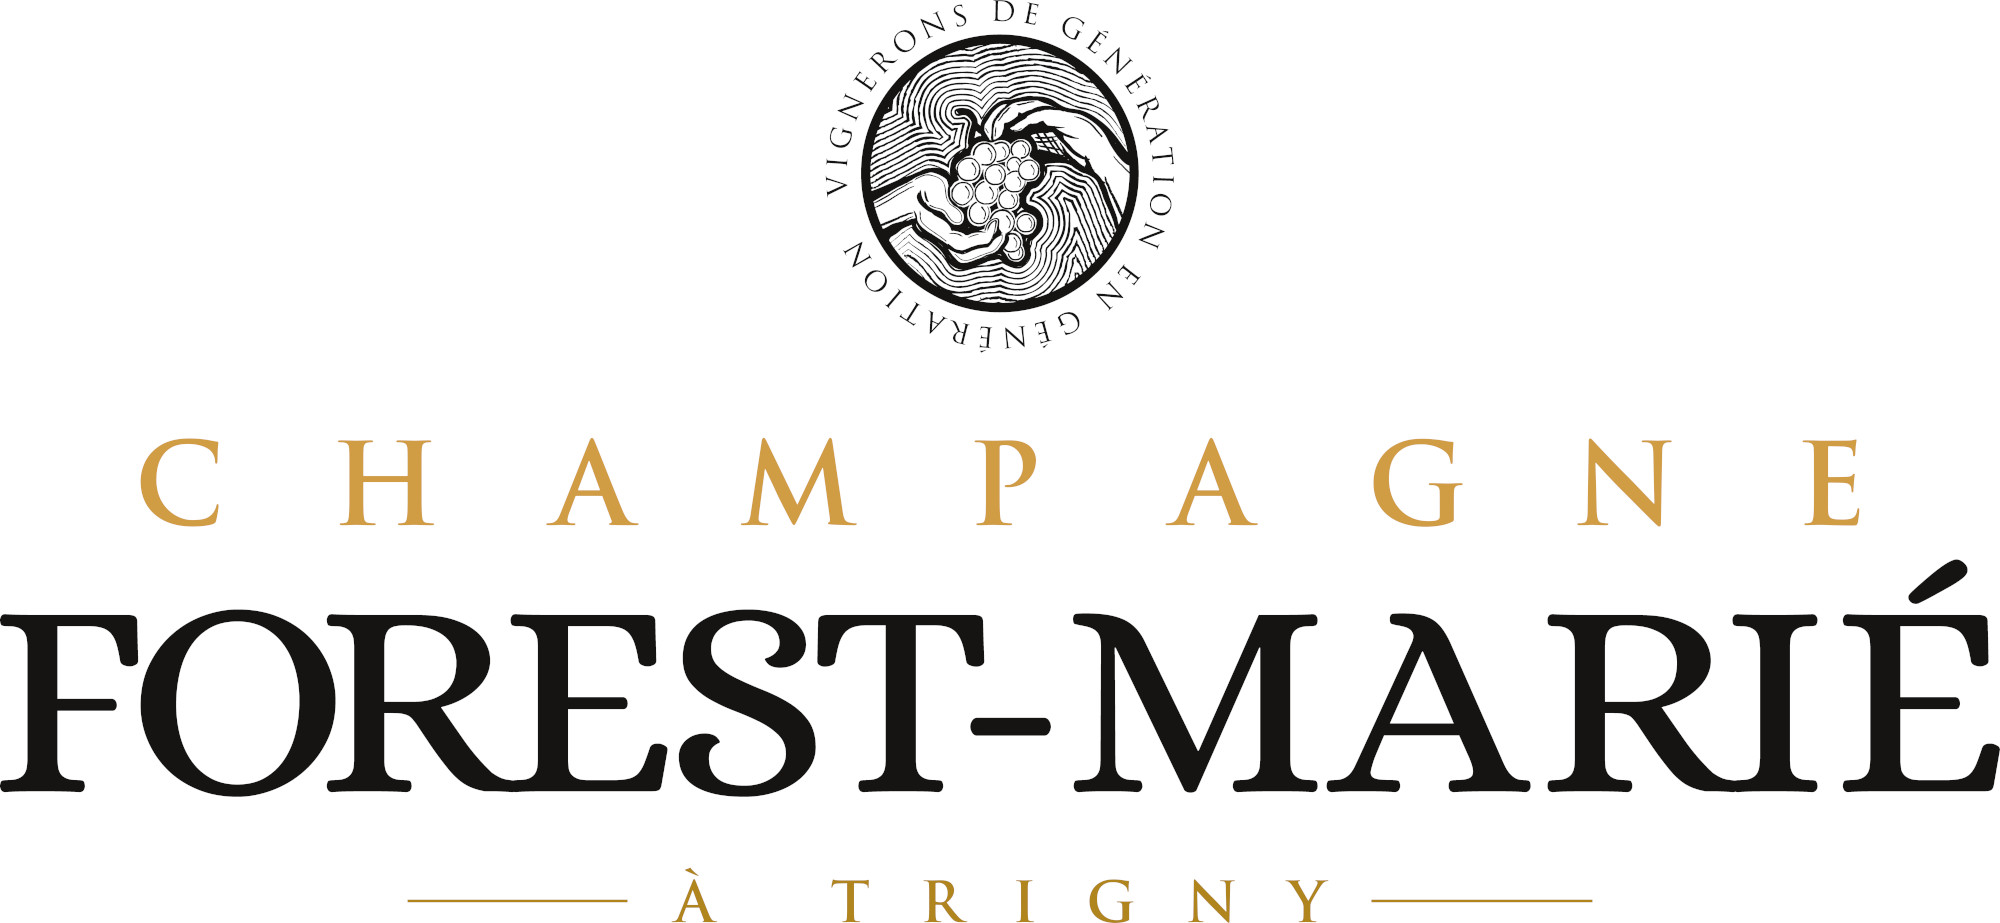 Forest-Marié Champagne